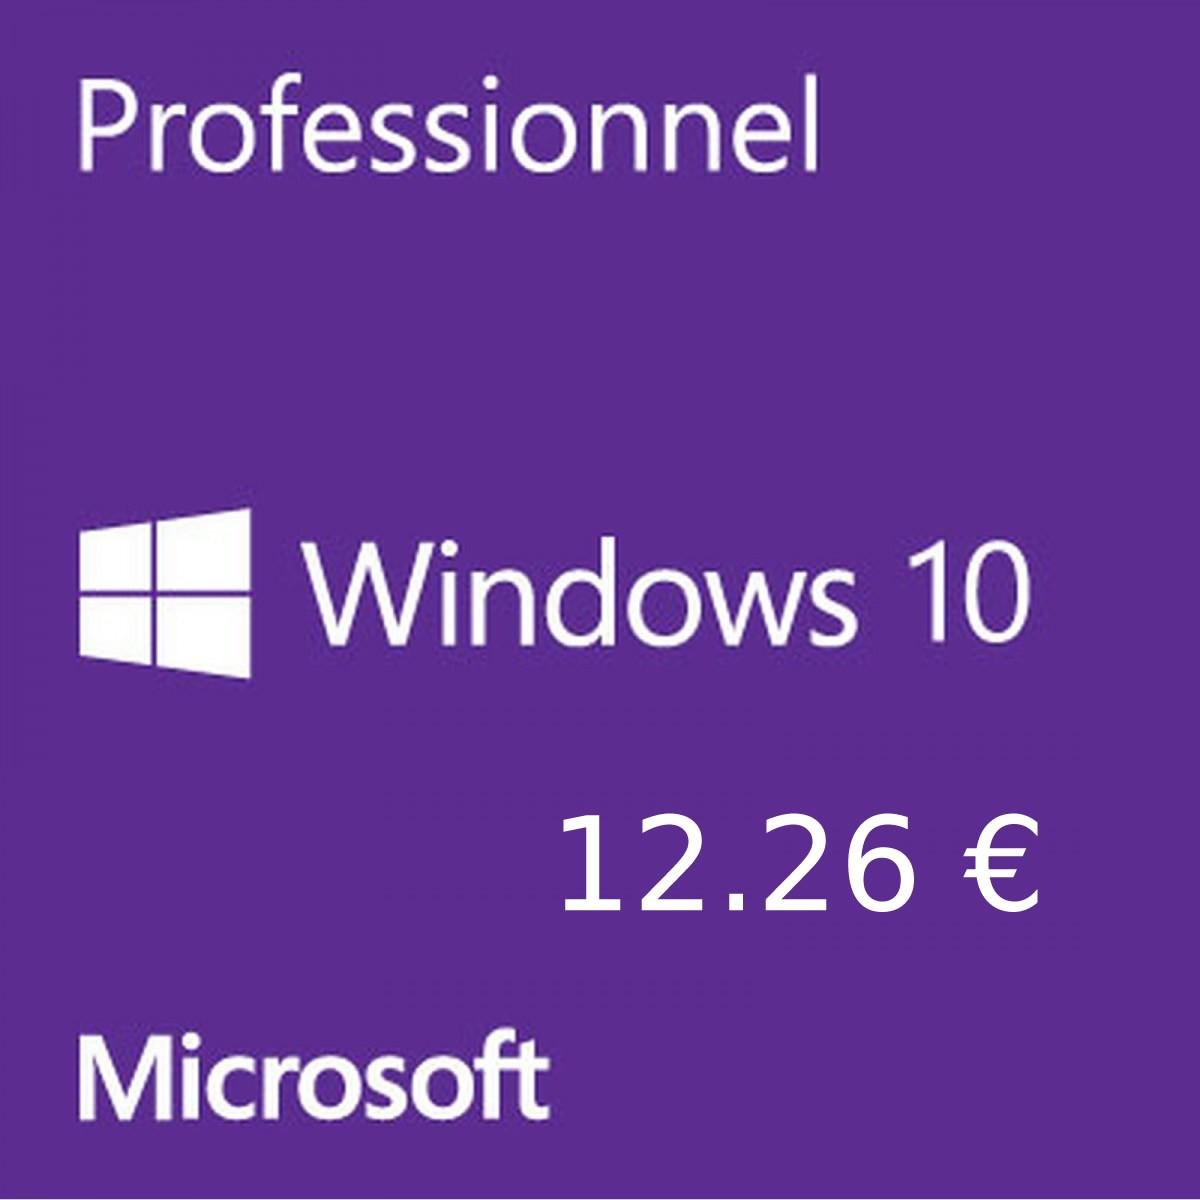 bon plan : La clé Microsoft Windows 10 PRO OEM à 12.26 euros, la clé Office 2019 à 27.62 euros